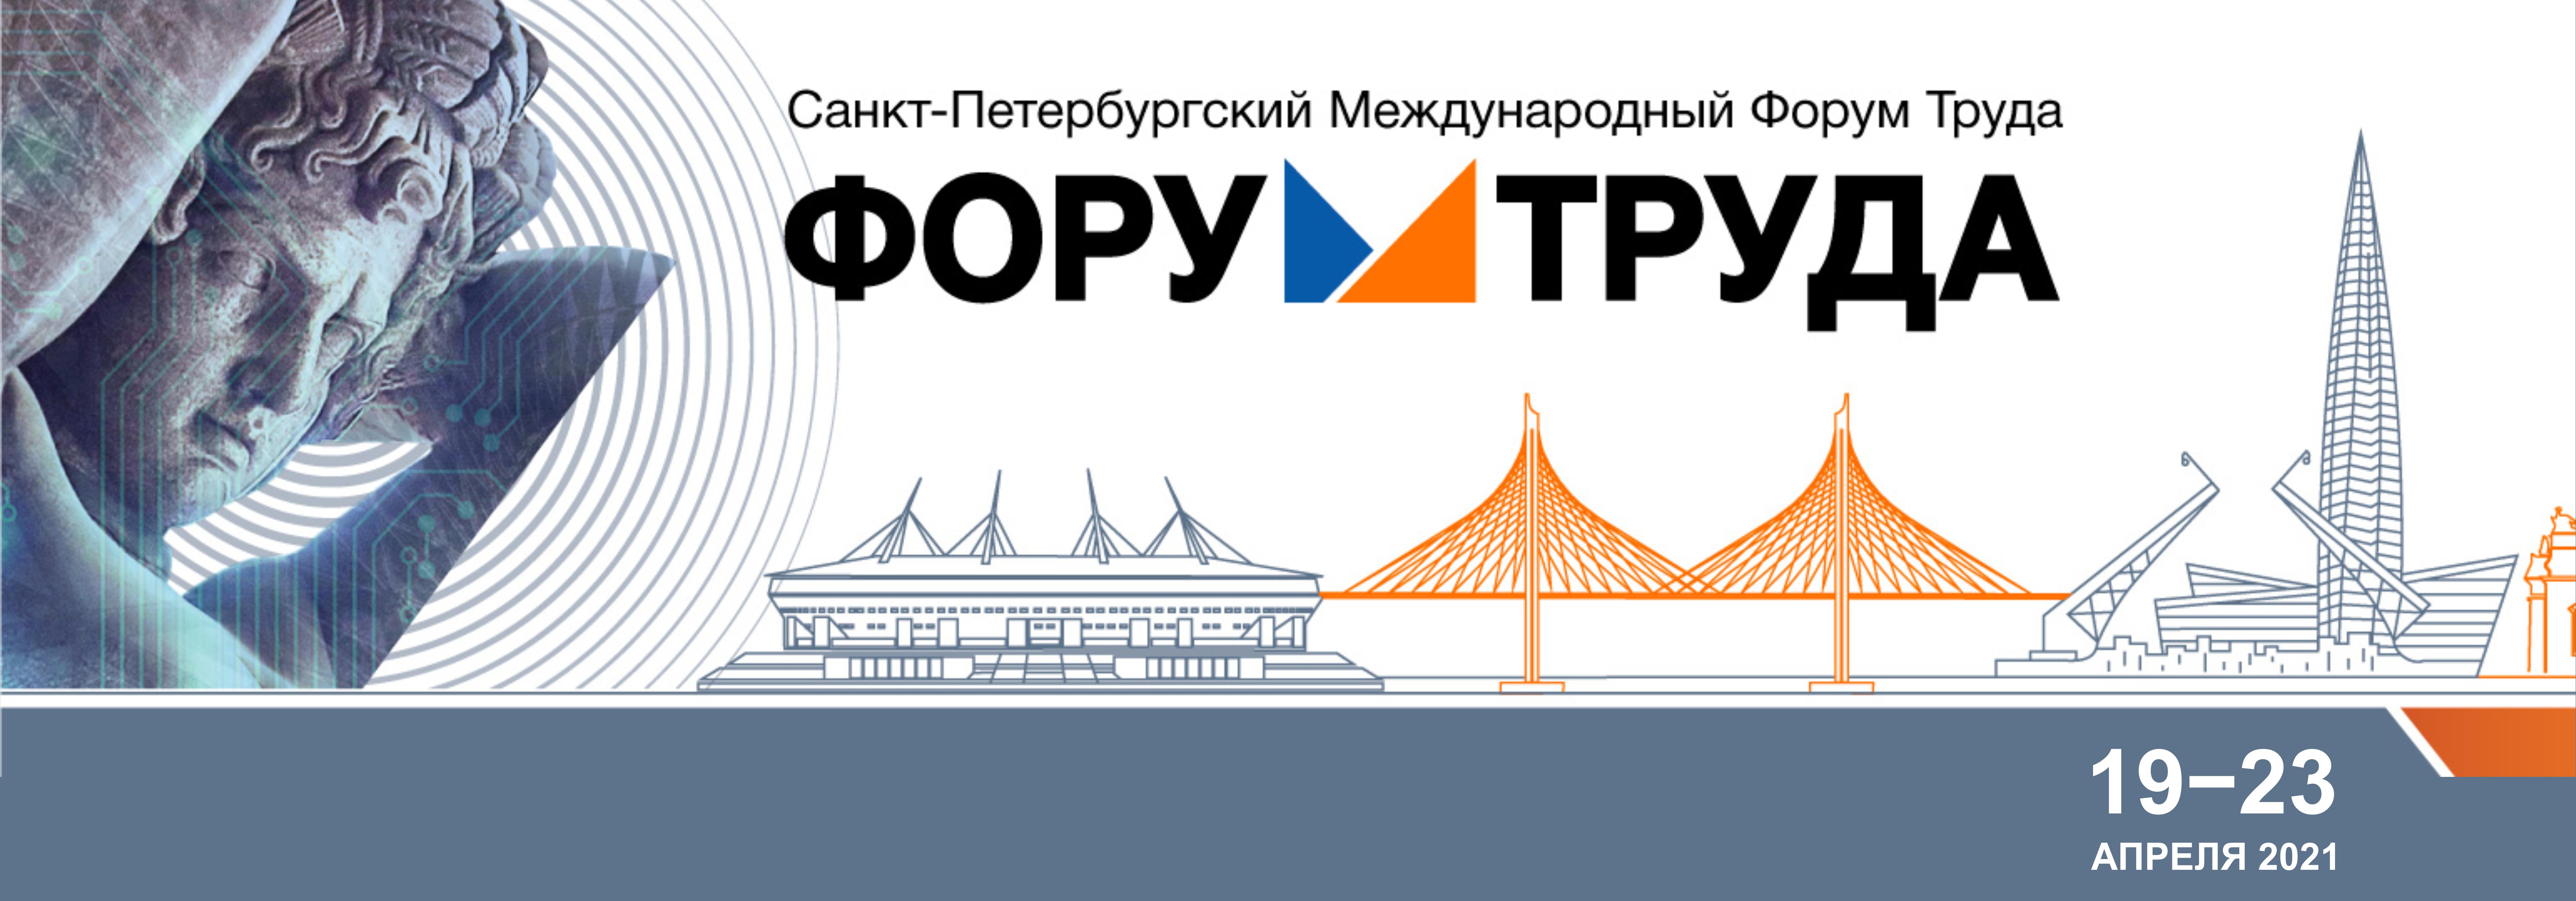 Международный Форум Труда: восстановление занятости и сохранение доходов граждан